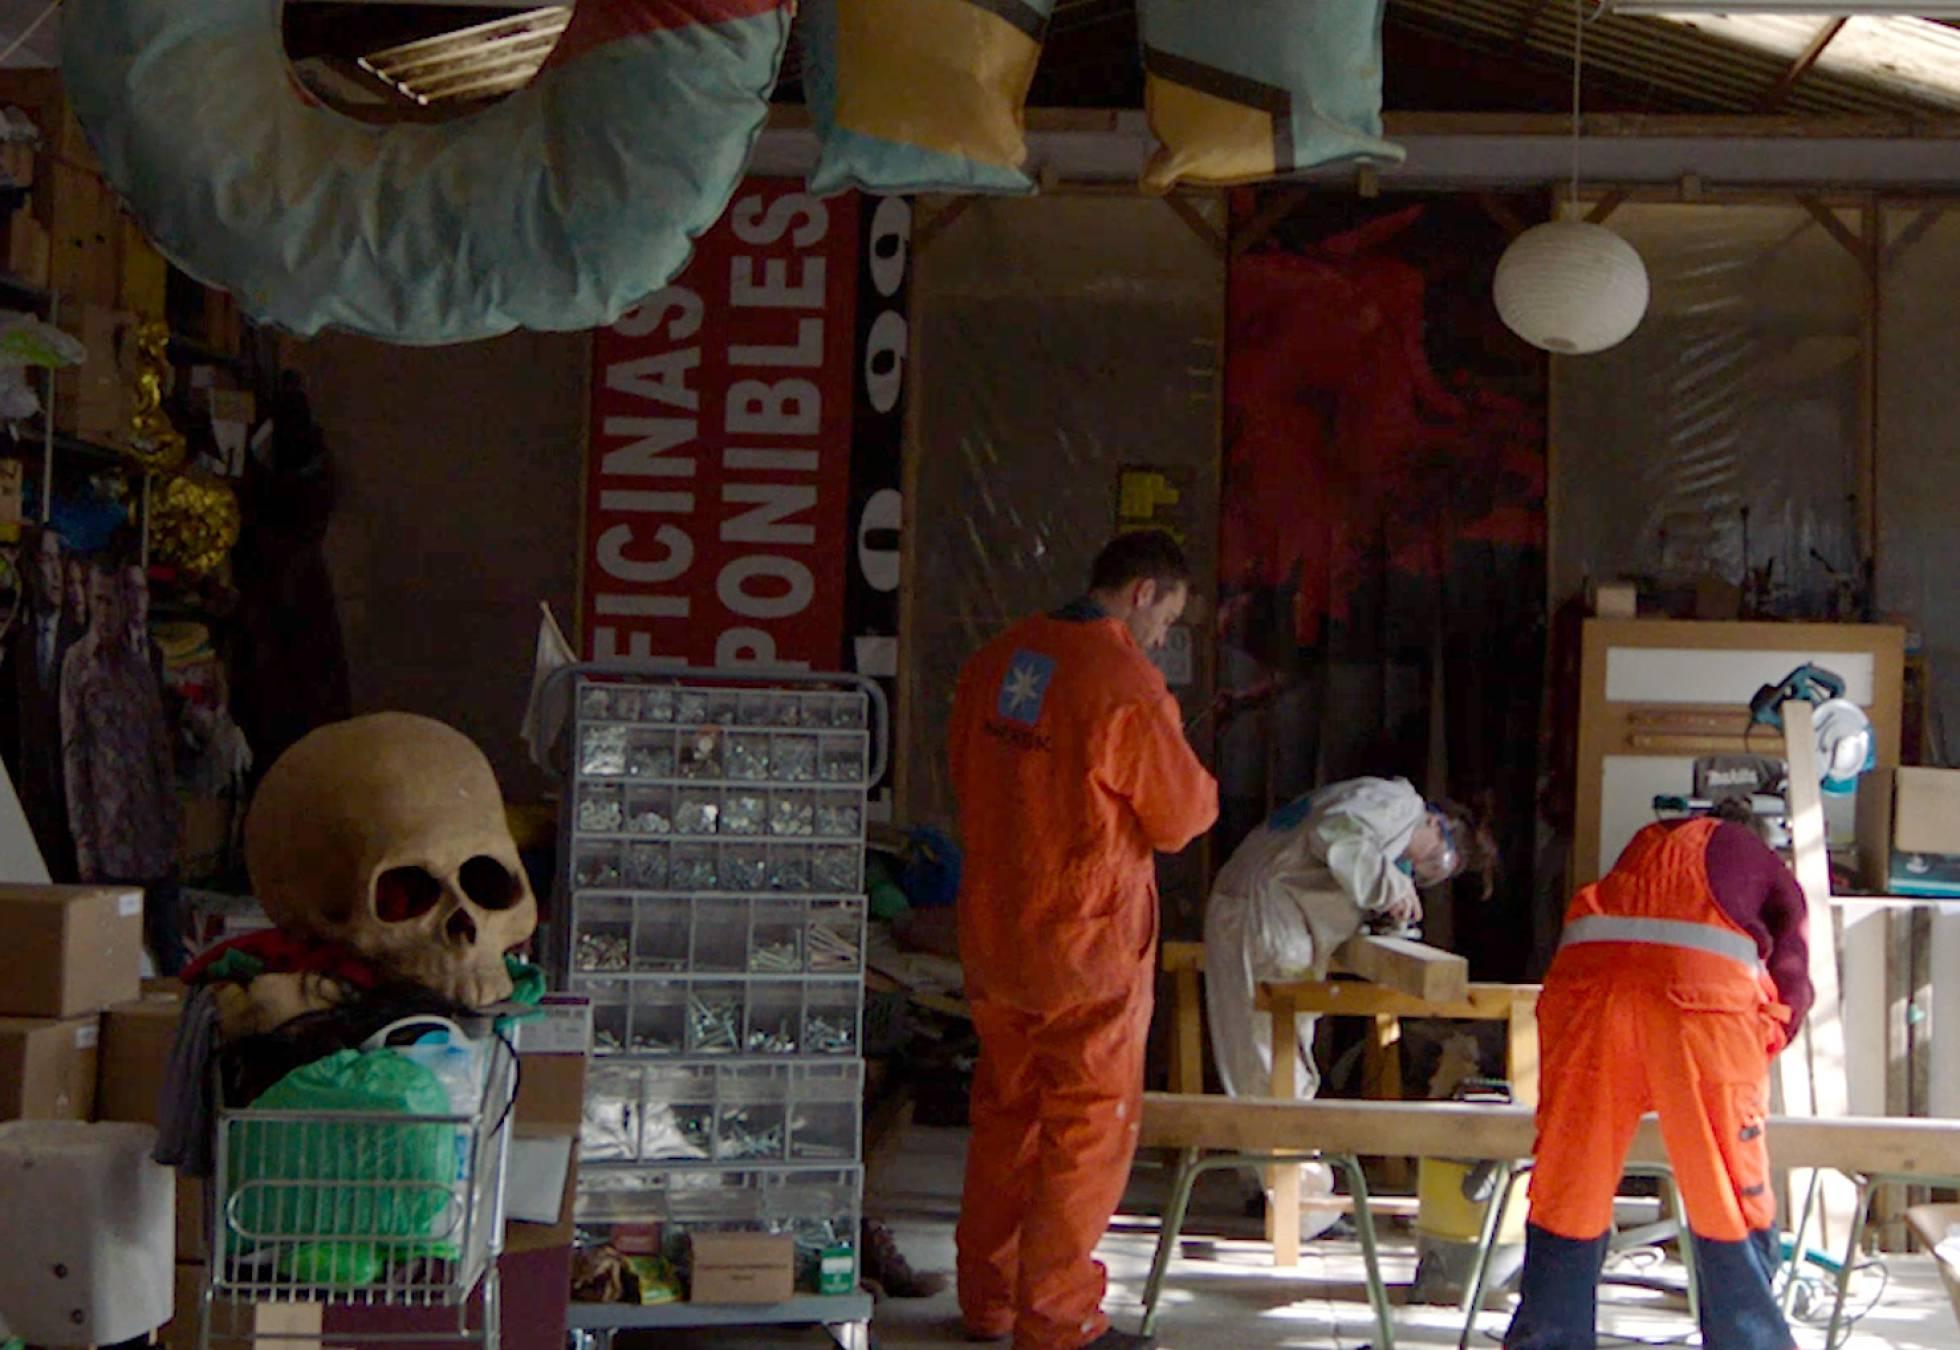 Креативная команда жителей Мадрида превращает мусор в искусство